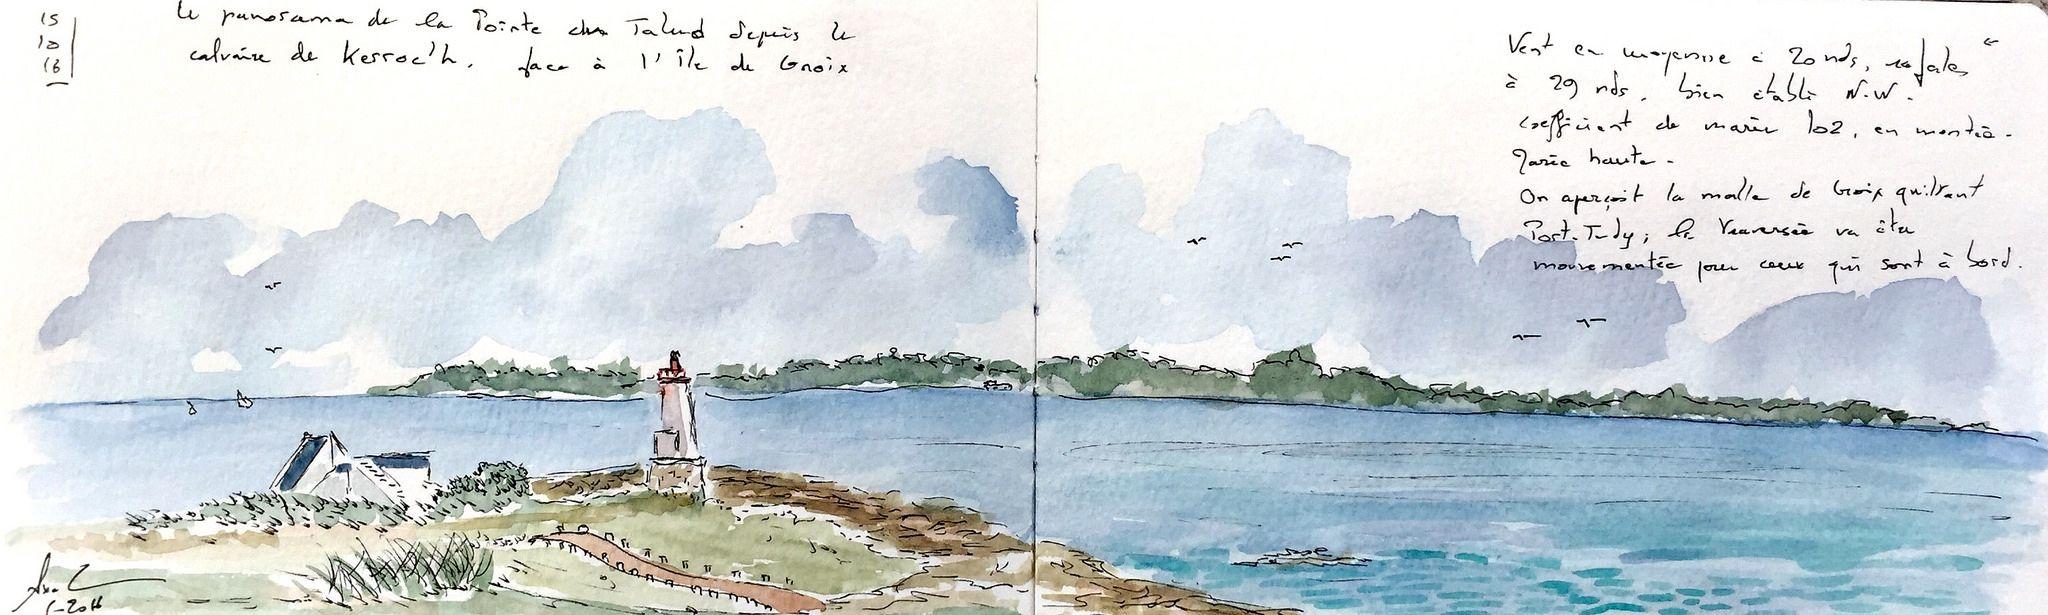 https://flic.kr/p/MS6ZnL | La Pointe du Talud près de Lorient, Morbihan | Encre et aquarelle sur #Moleskine A5 double page, par vent fort qui fait trembler la main